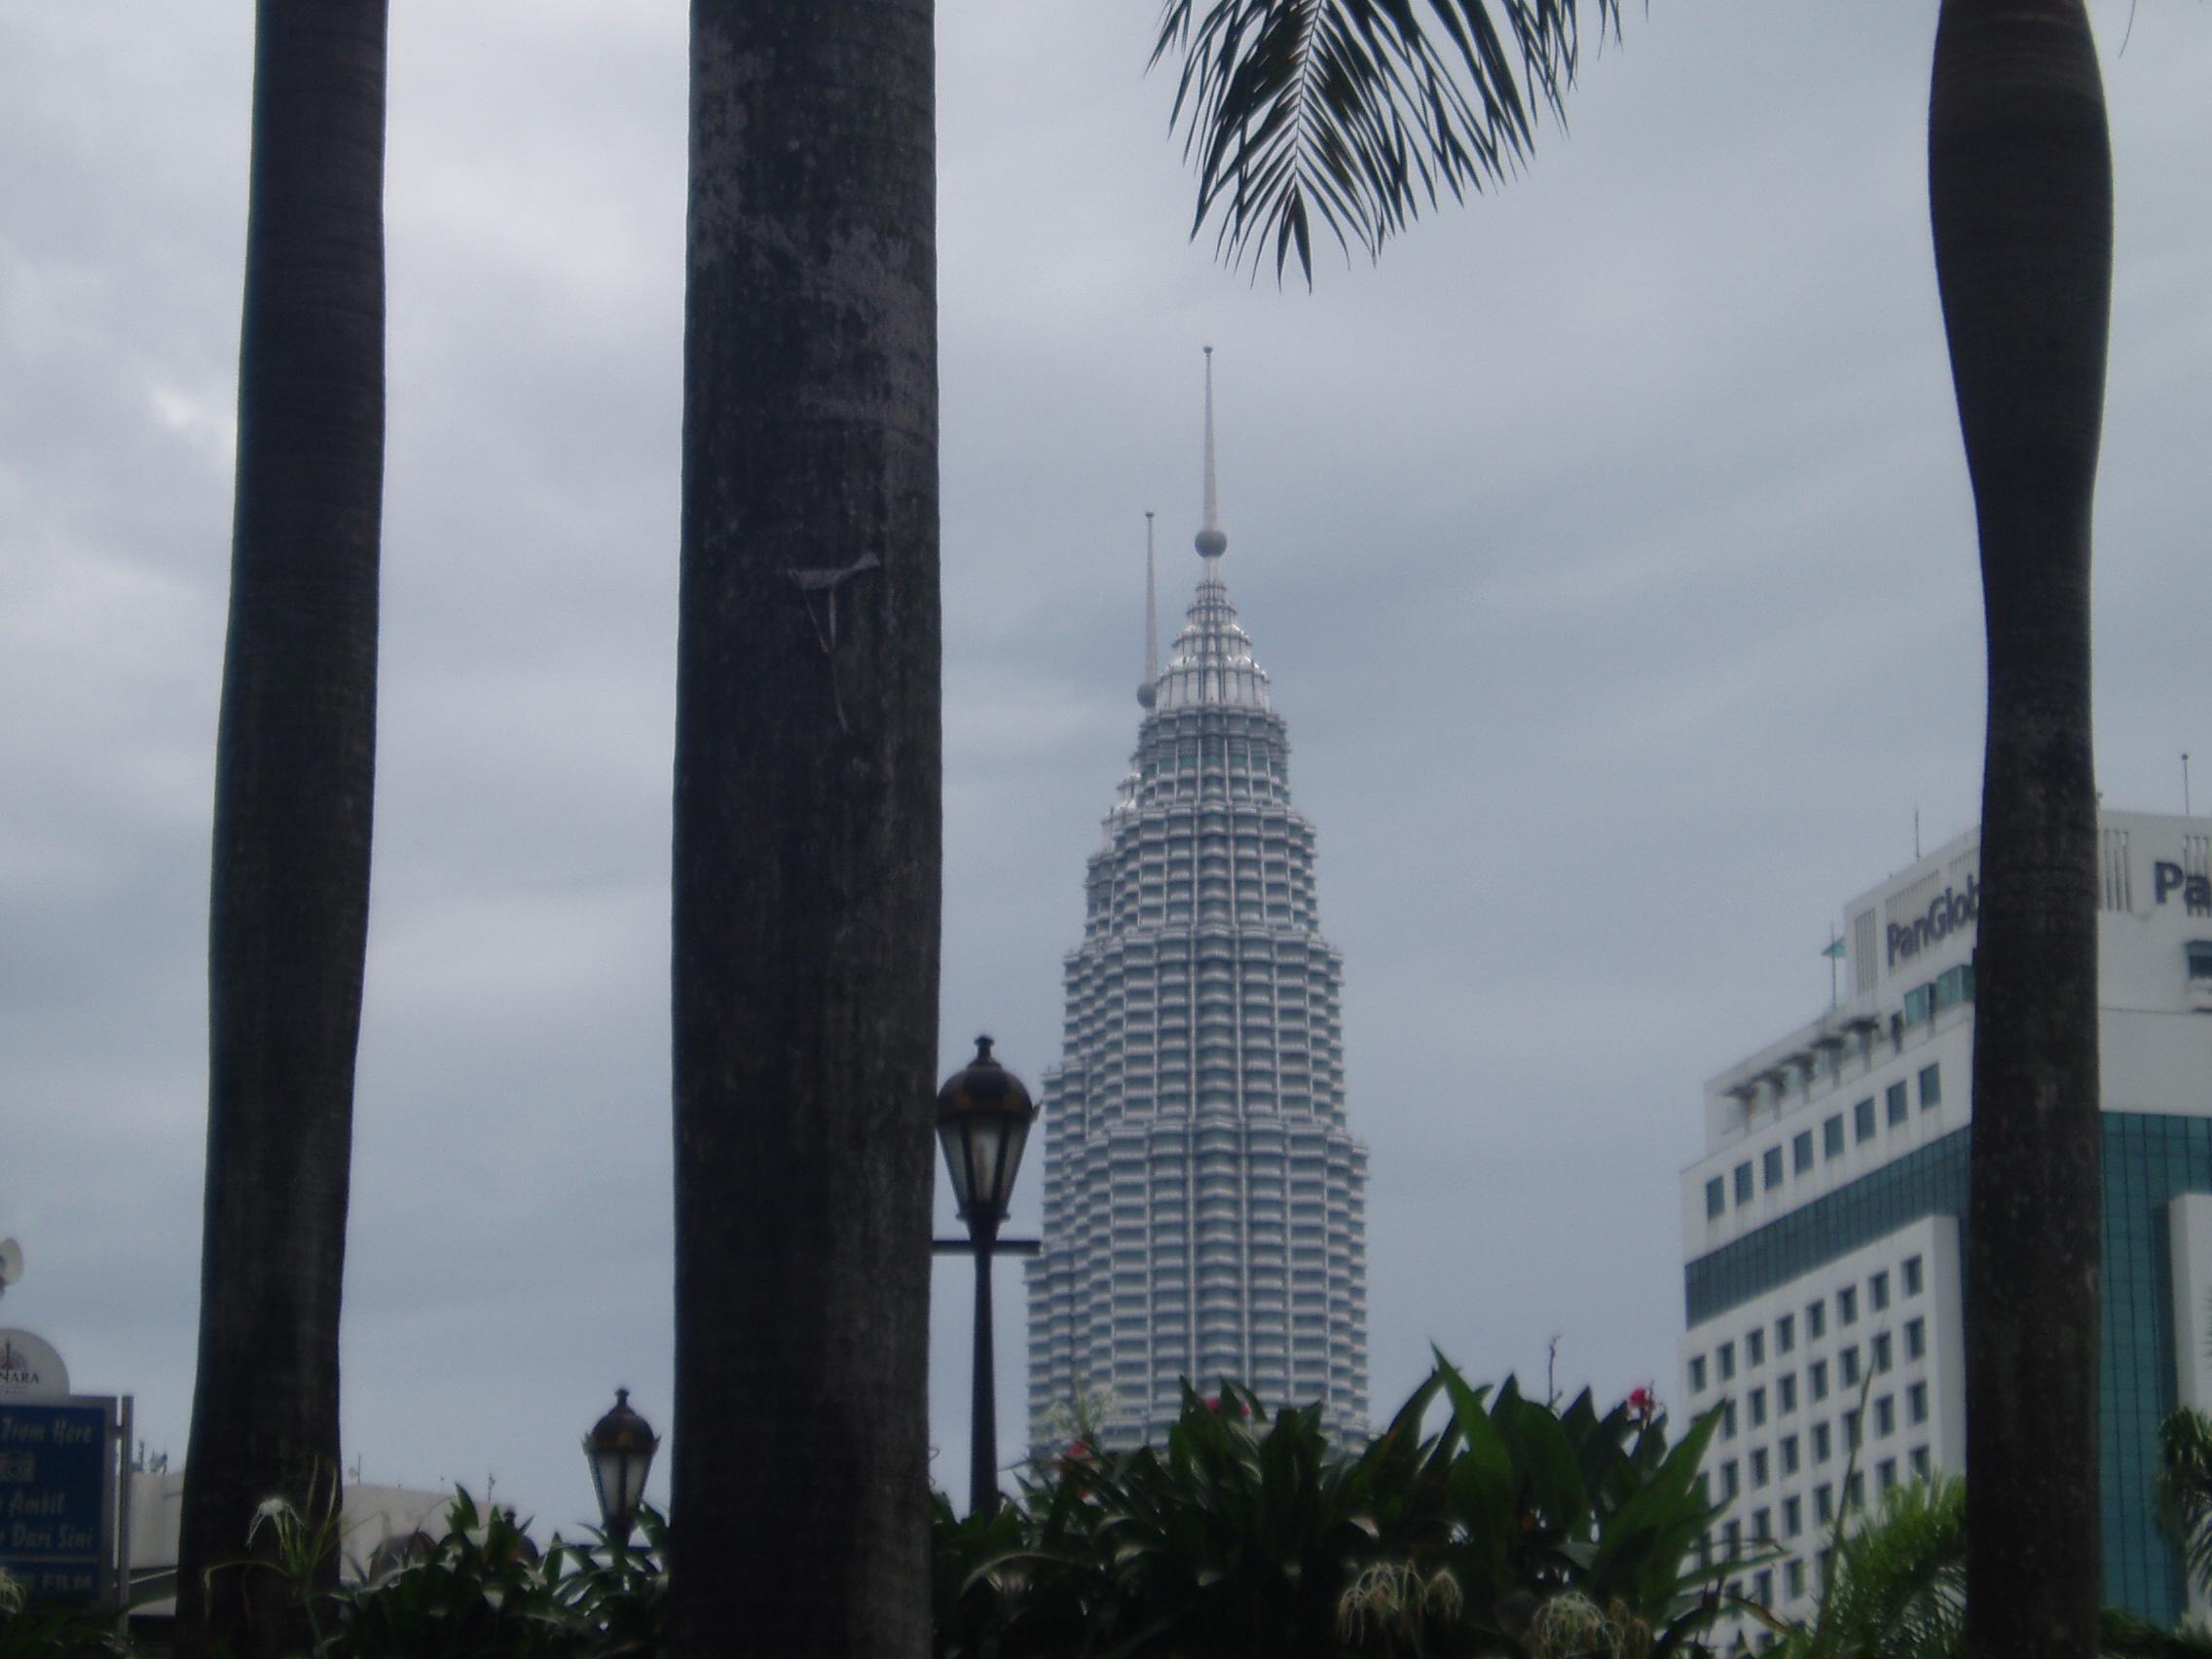 Park Plaza International Kuala Lumpur